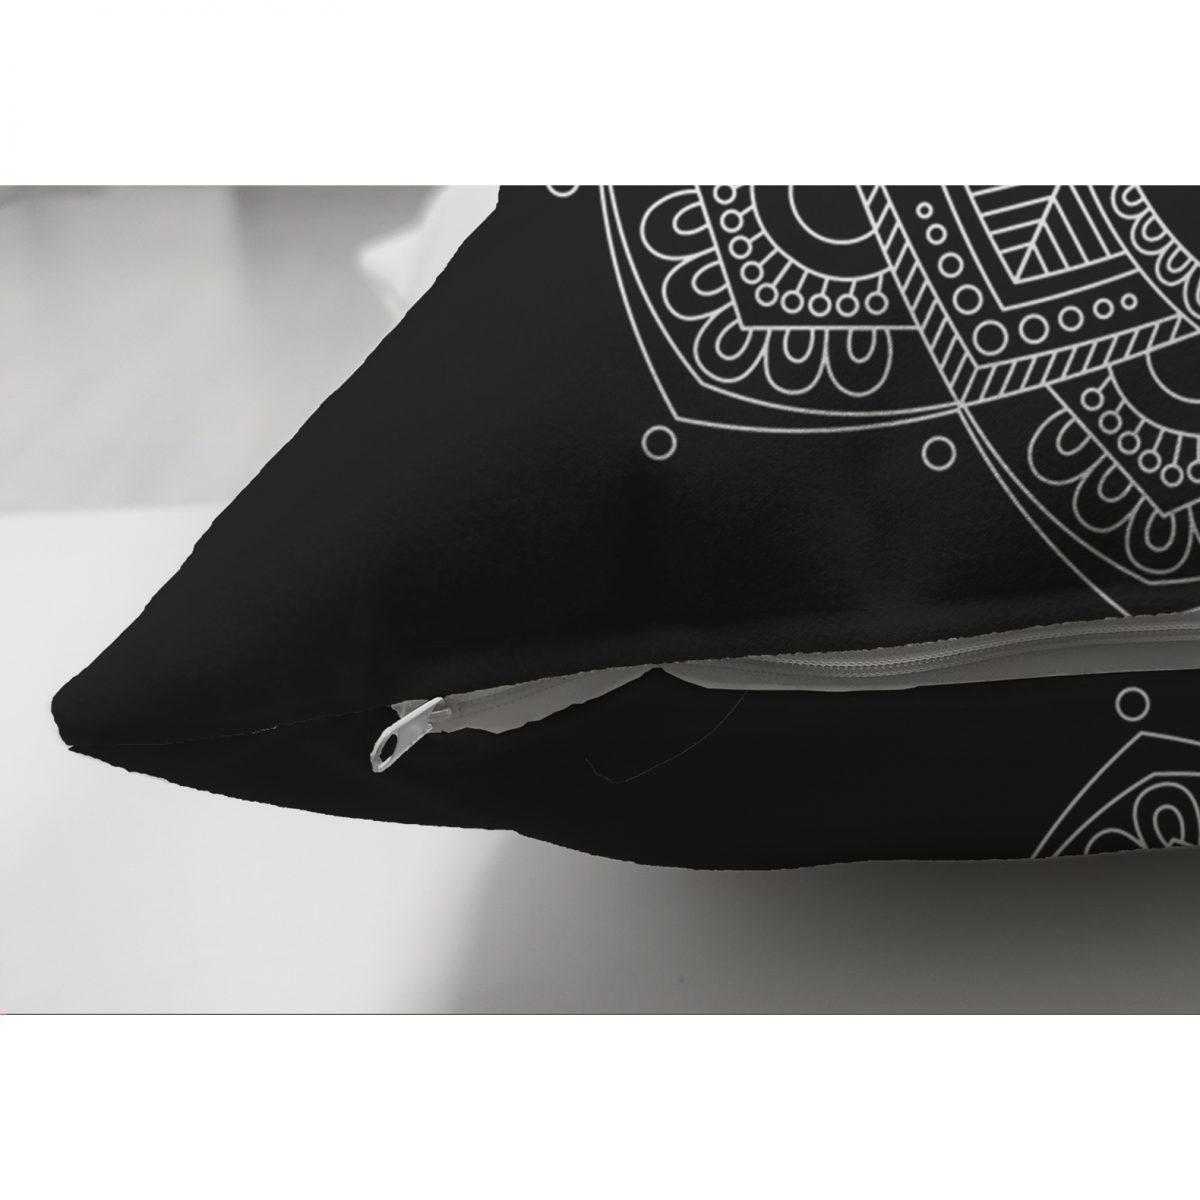 Siyah Zeminde Beyaz Mandala Desenli Çift Taraflı Dekoratif Süet Yastık Kılıfı Realhomes